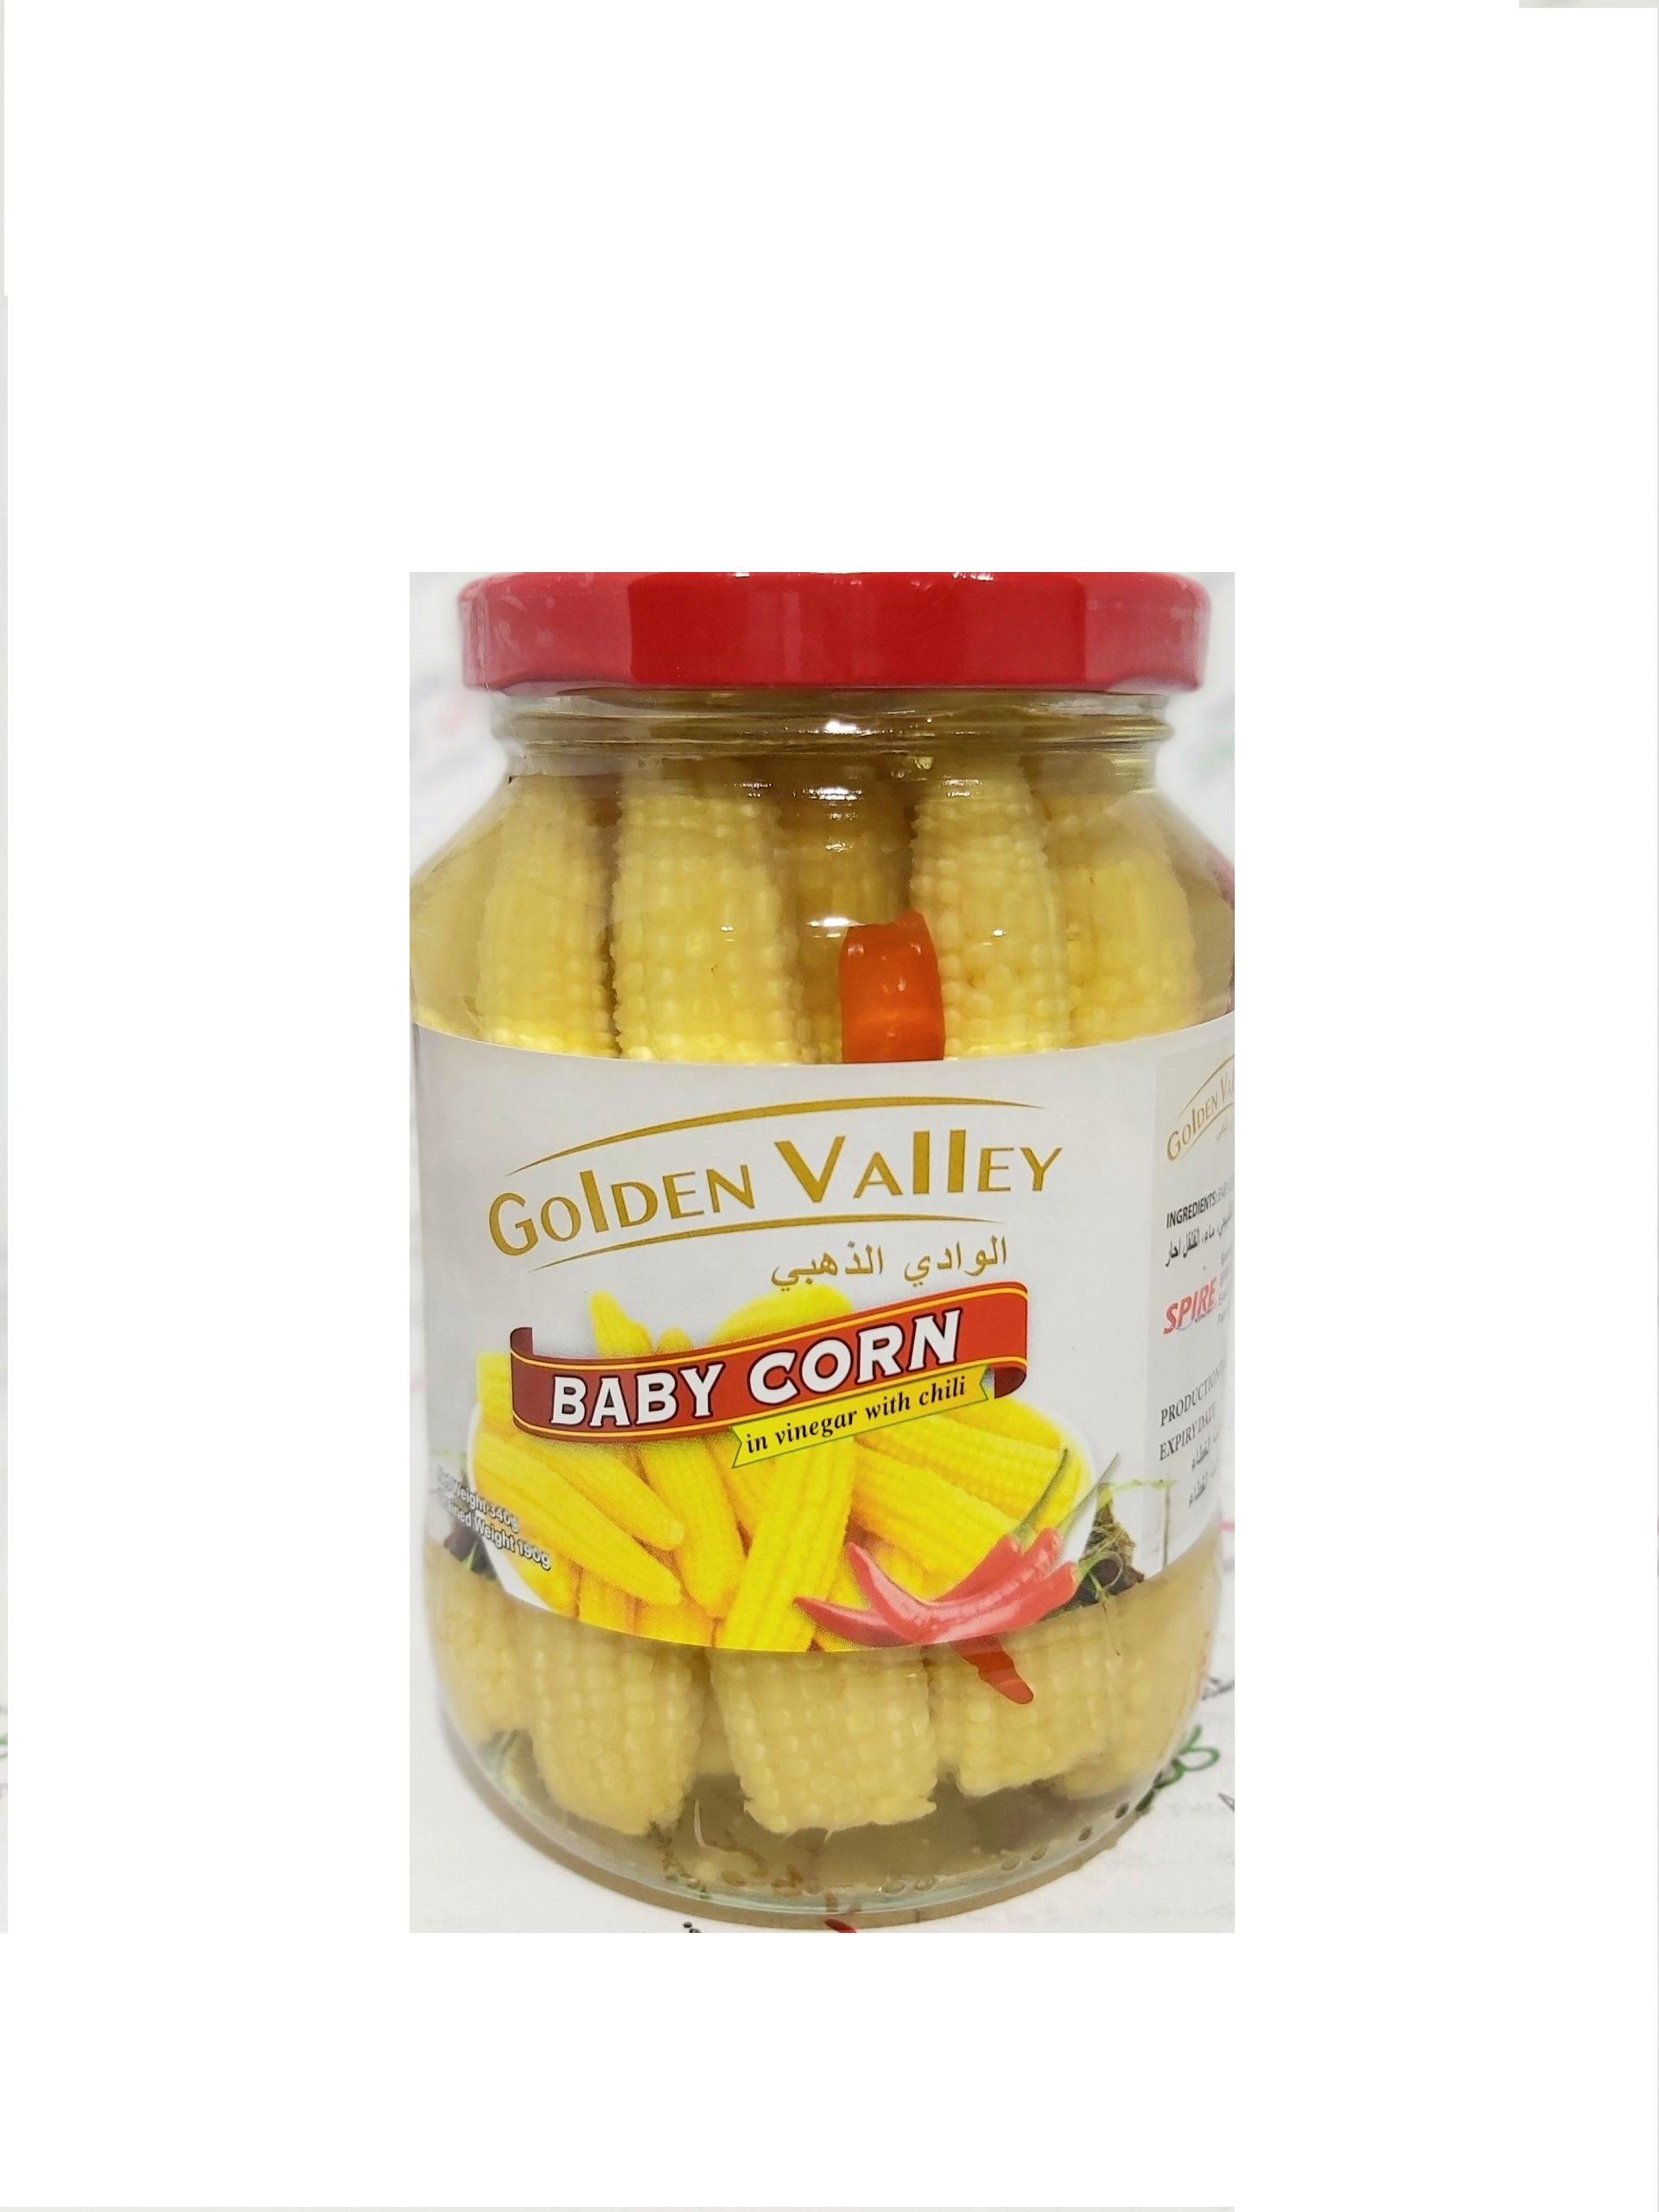 ذرت بیبی کورن فلفلی 190 گرم گلدن GOLDEN VALLEY - ذرت بیبی کورن فلفلی 190 گرم گلدن GOLDEN VALLEY